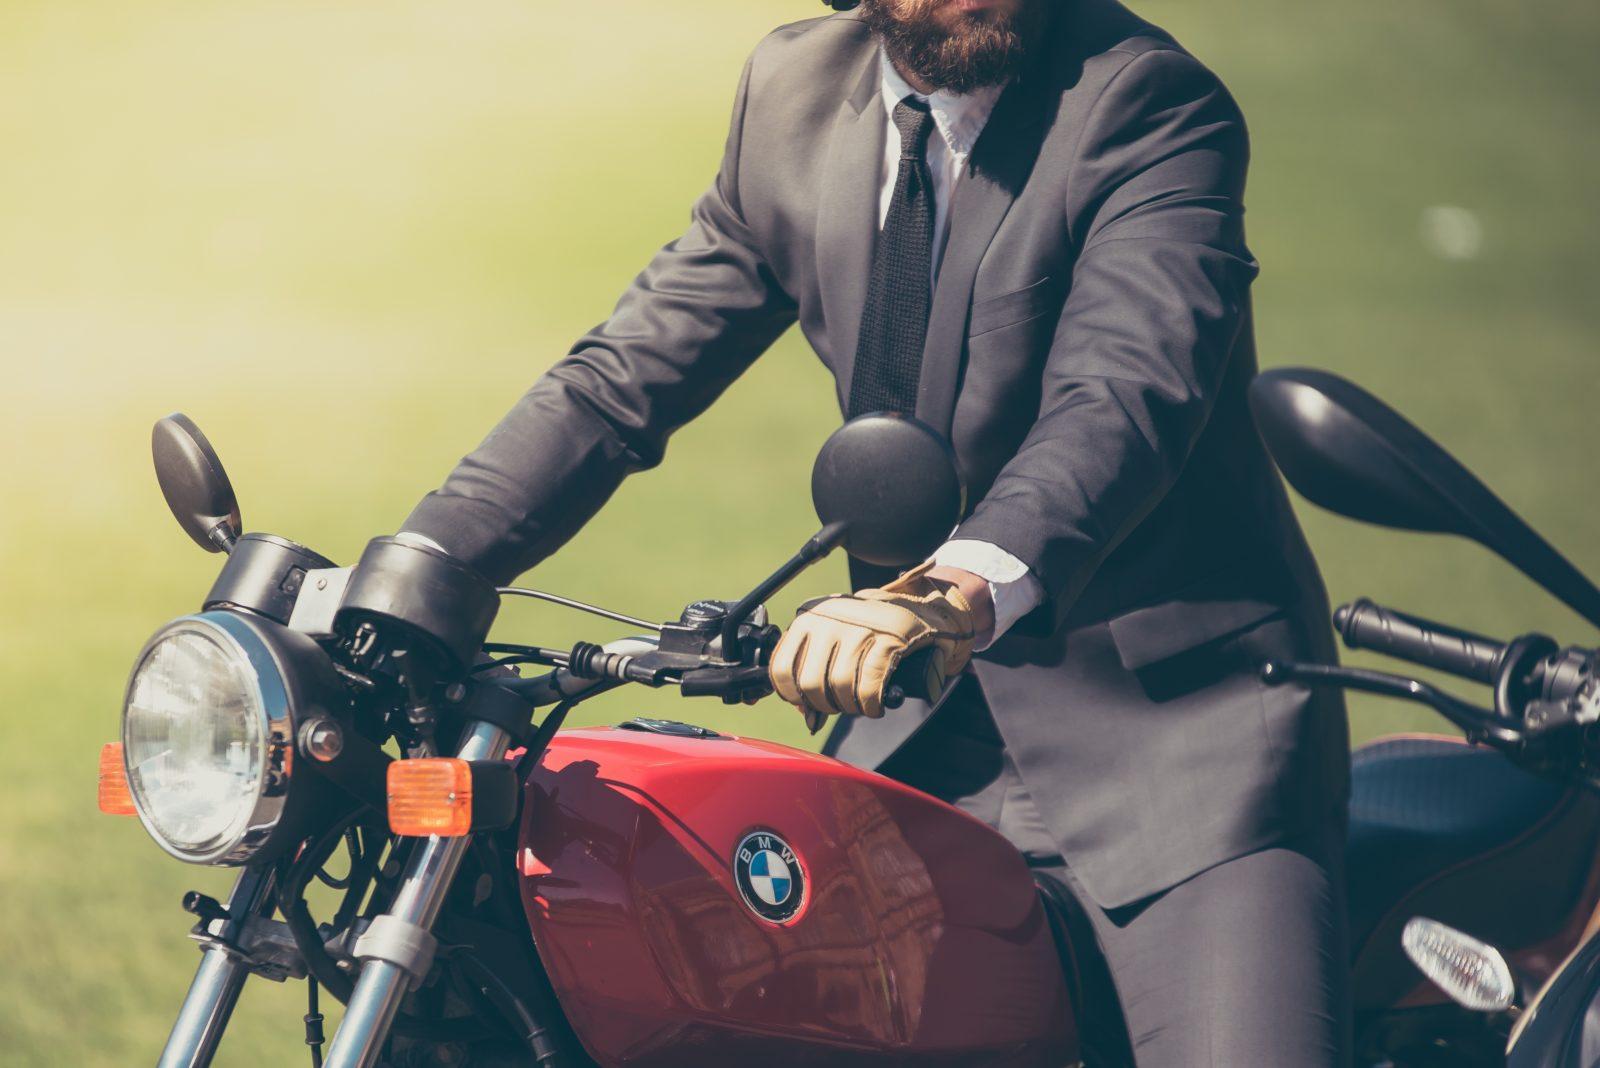 Motosiklet Kullanırken Bunlara Dikkat !